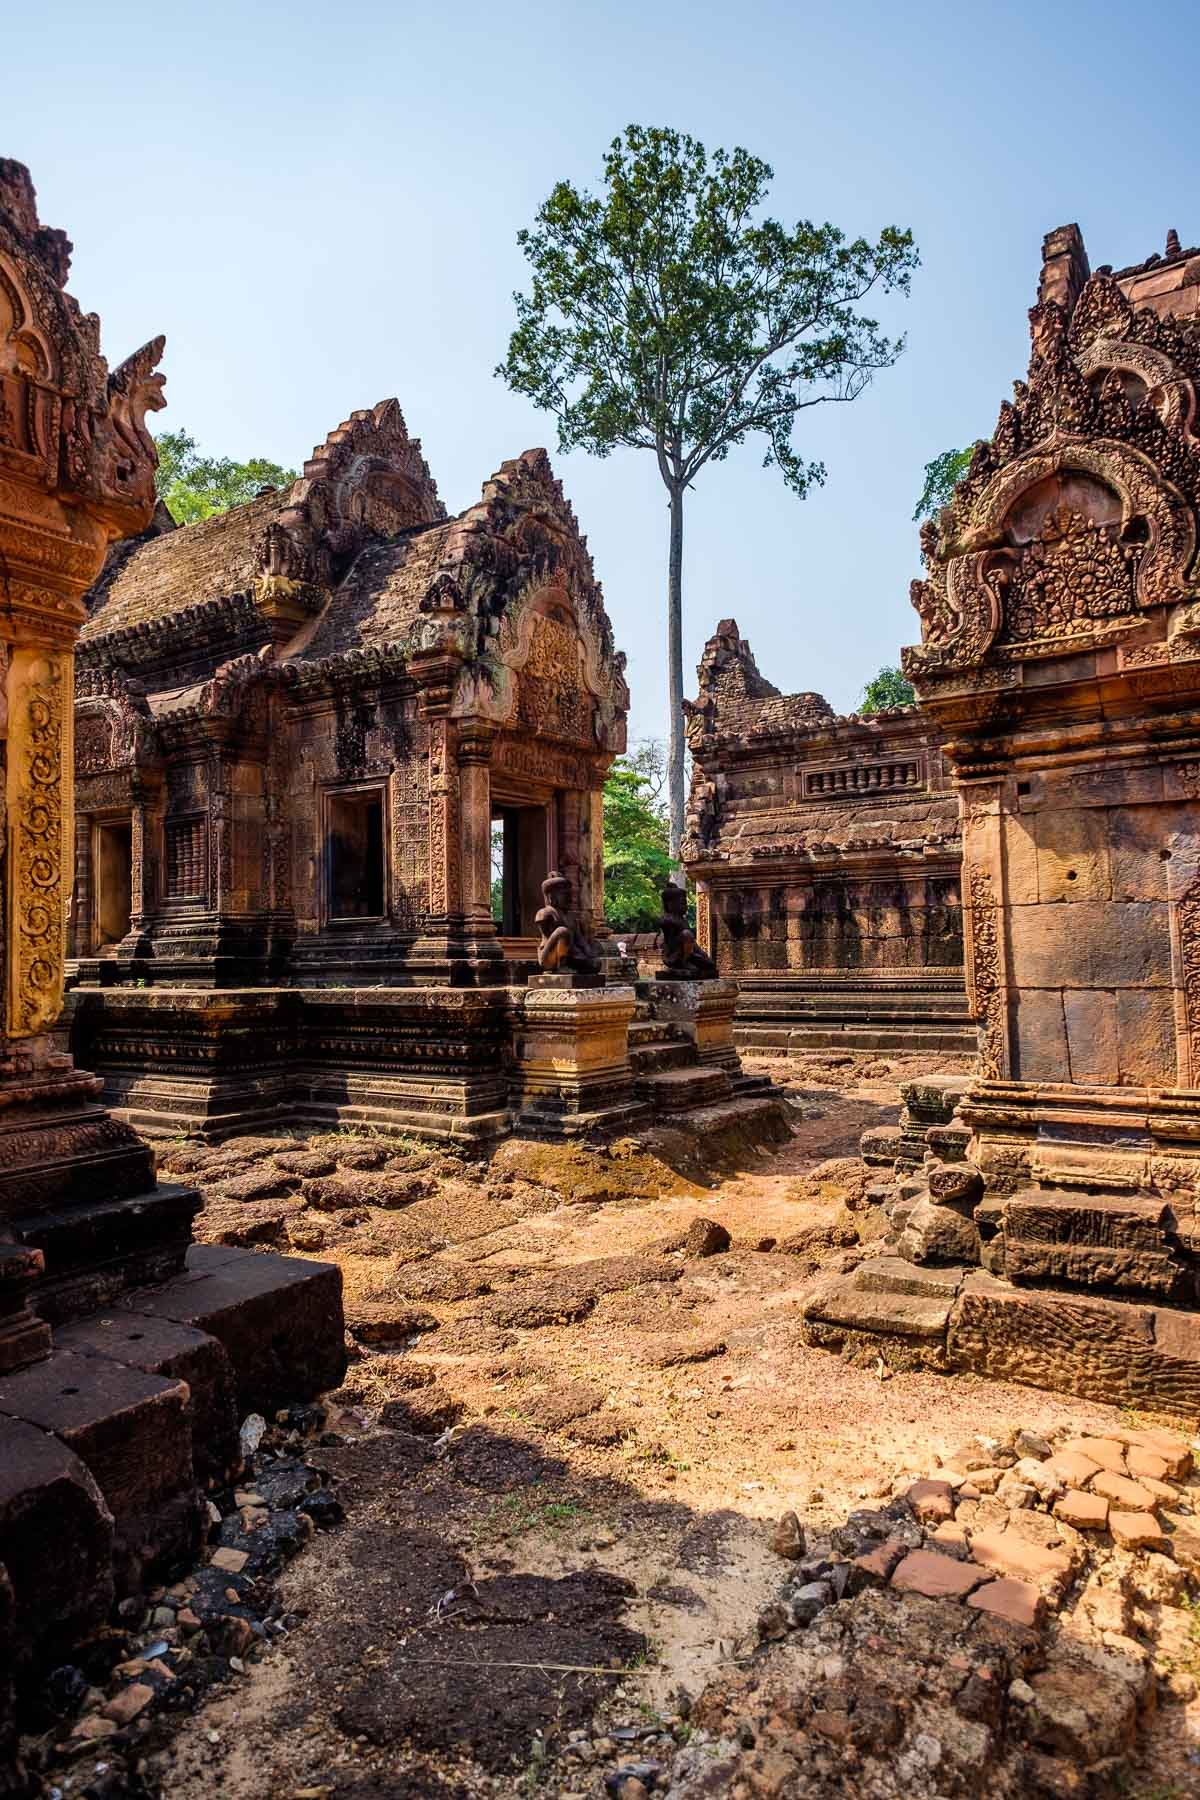 Banteay Srei Angkor